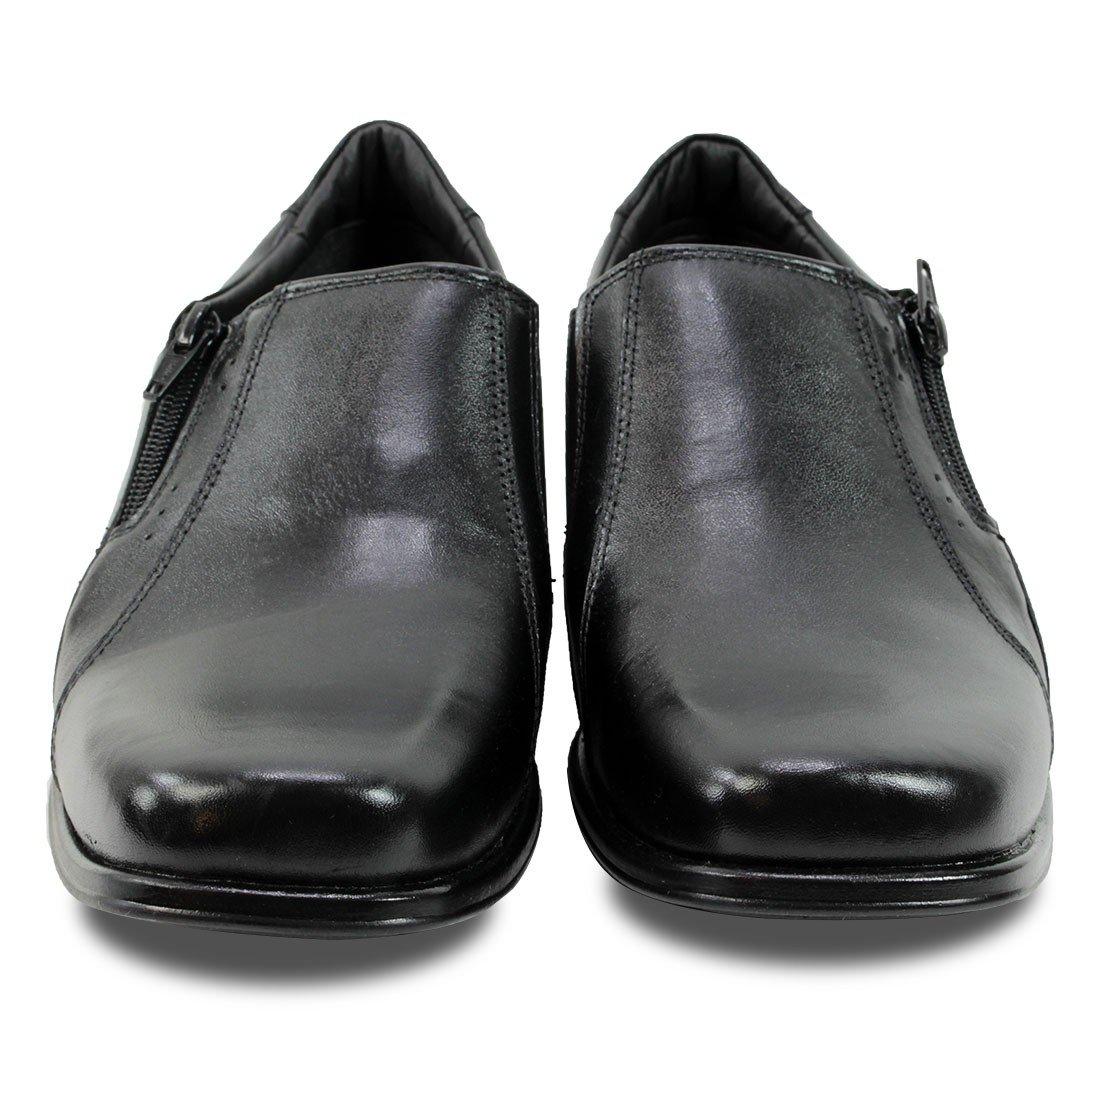 Sapato 1 4 Preto Rafarillo Sapato Rafarillo Kit em Kit xXHnE0qqz